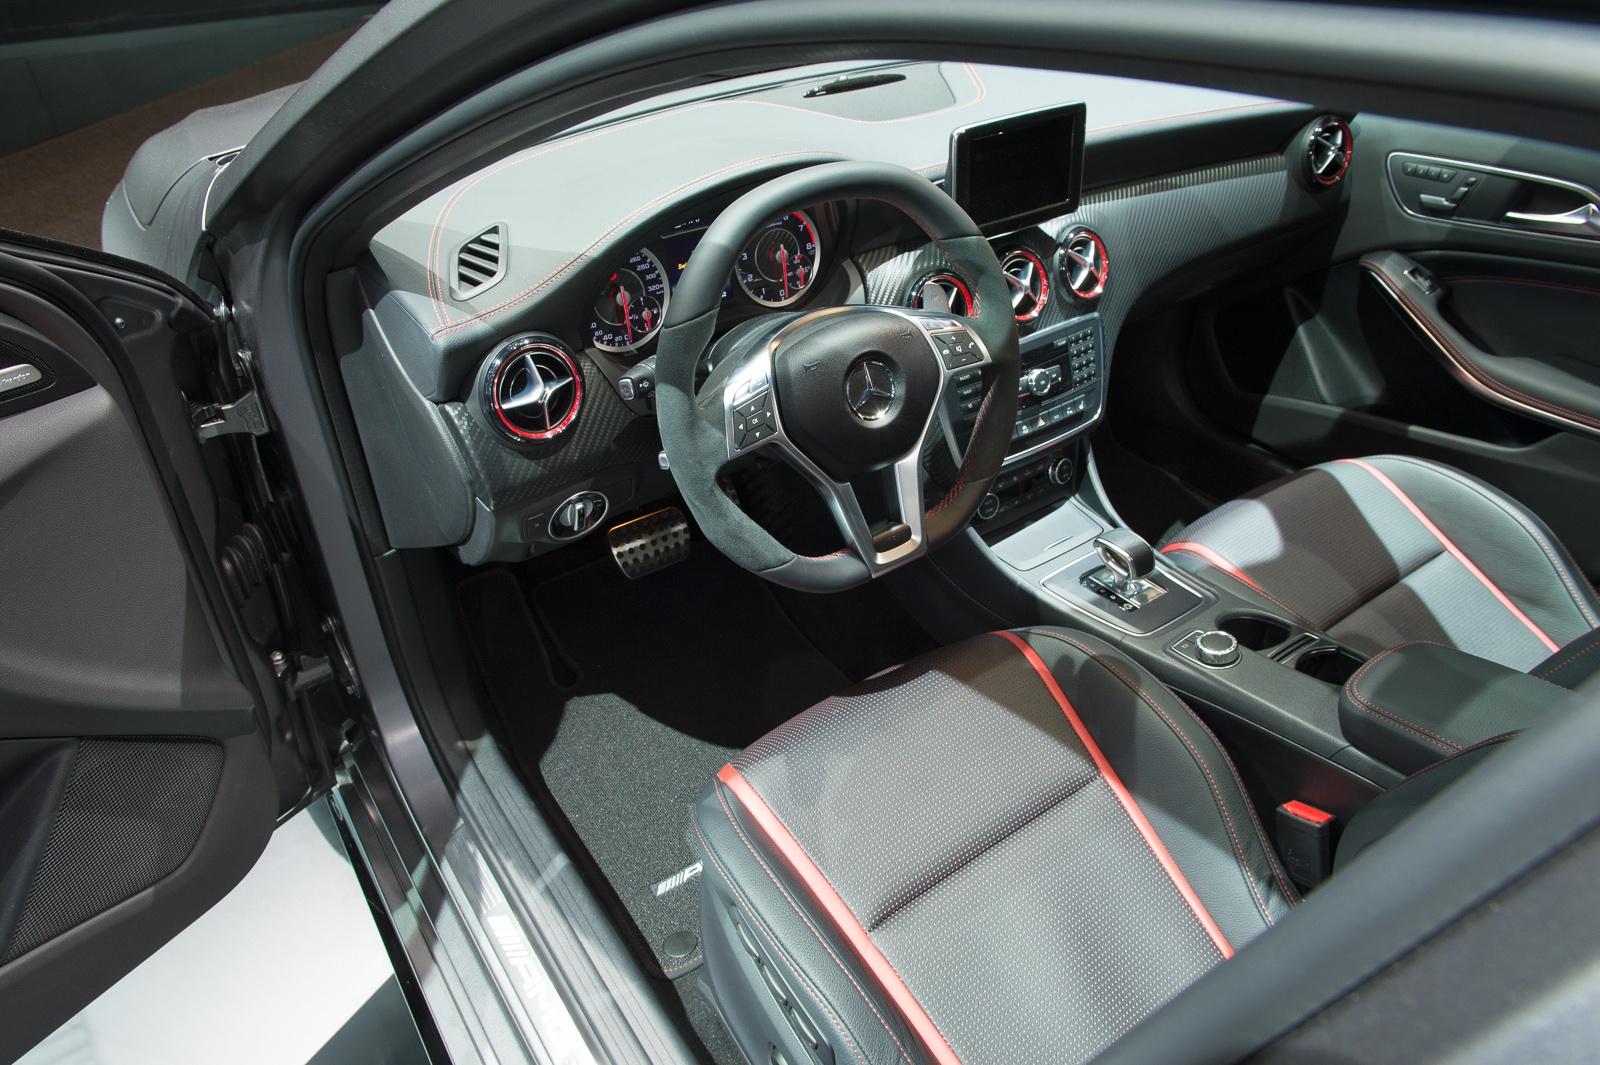 2013-mercedes-benz-a45-amg-mountaingrau-metallic-genf-auto-salon-12